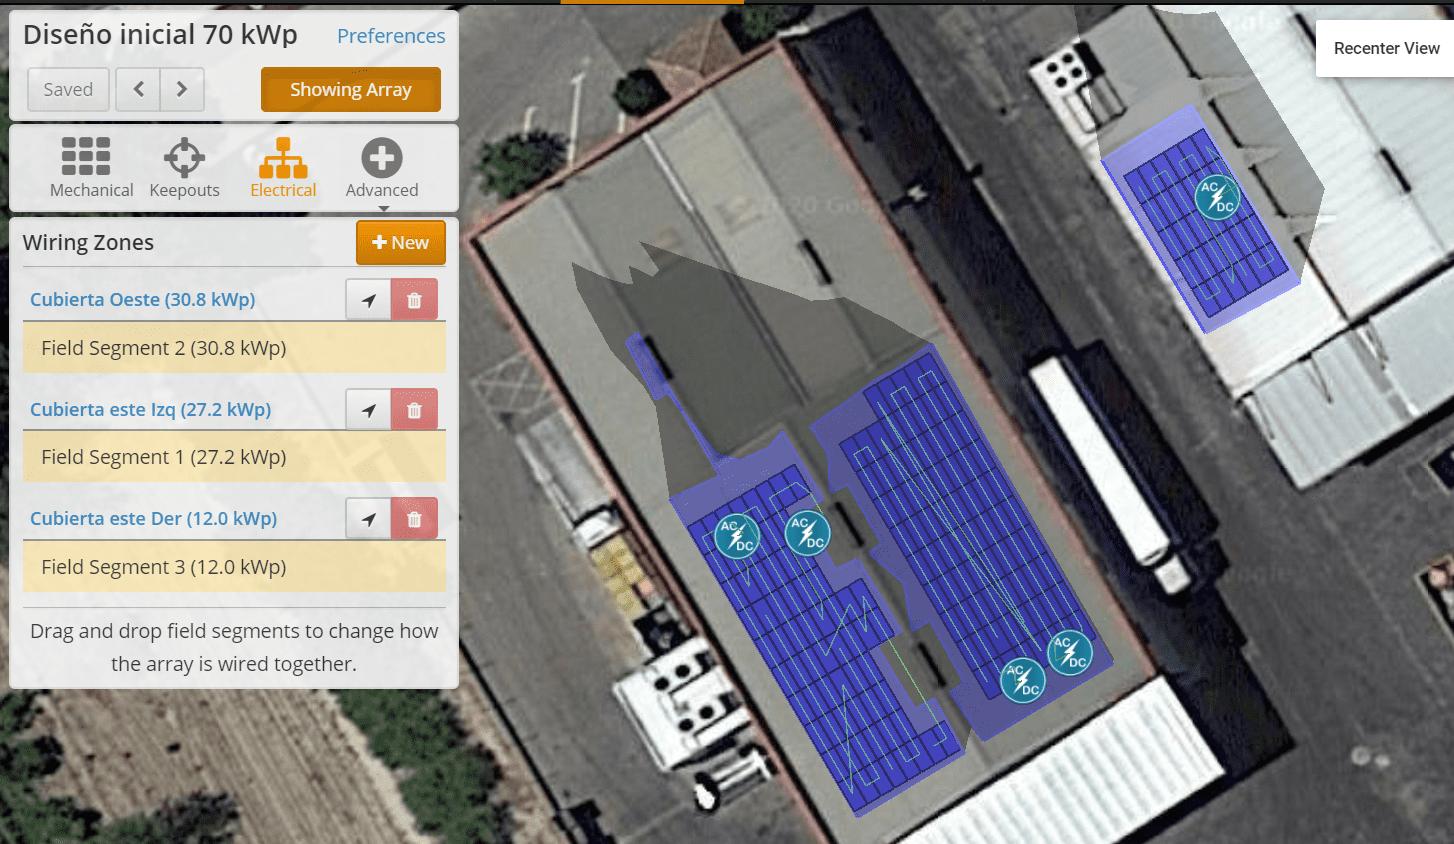 Diseño instalación solar autoconsumo. Zonas de inversores solares